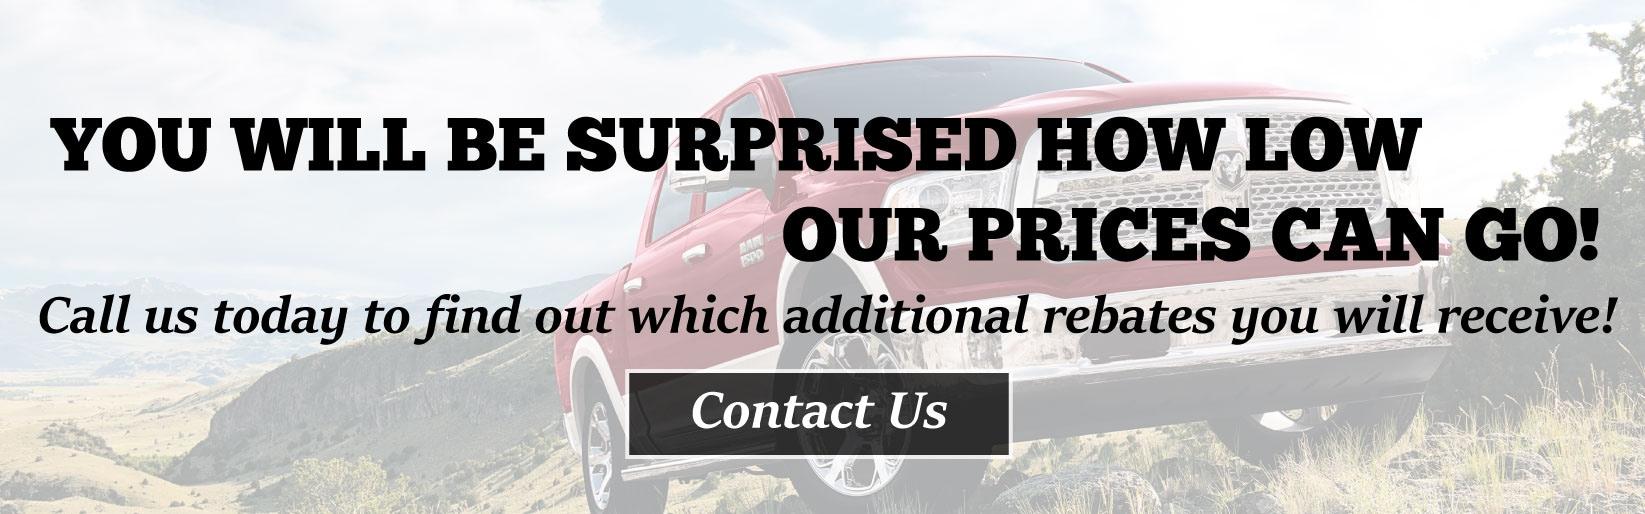 Staunton Chrysler Dodge Jeep Ram | Staunton & Litchfield, IL